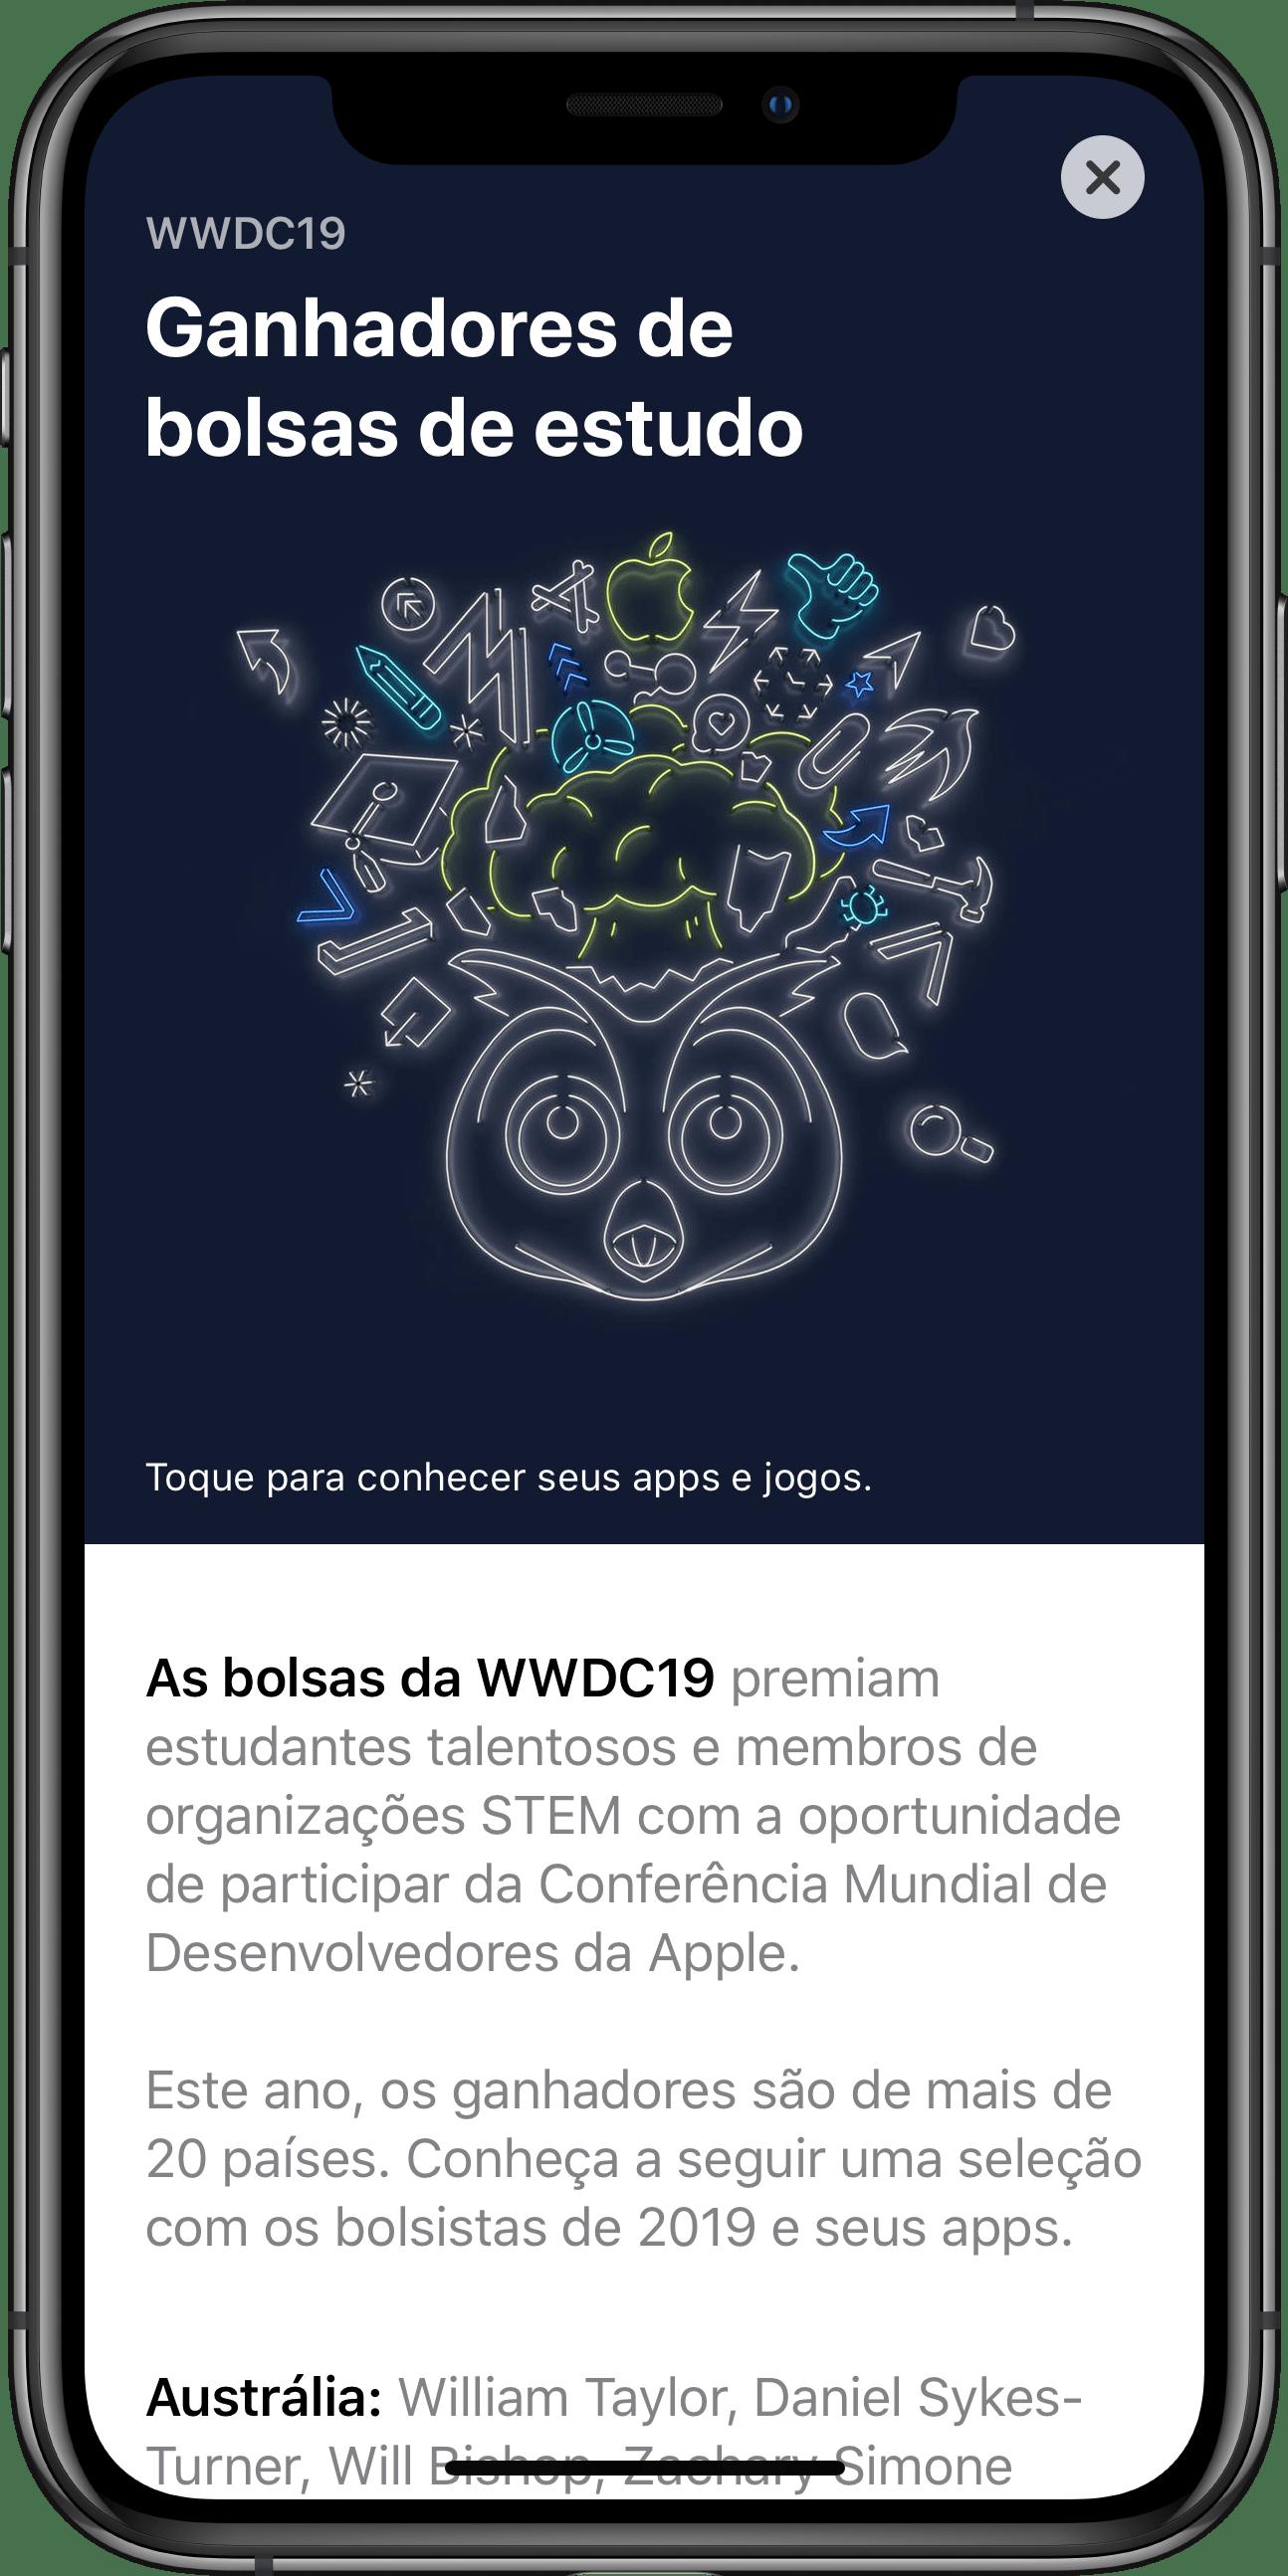 Apps de estudantes da WWDC19